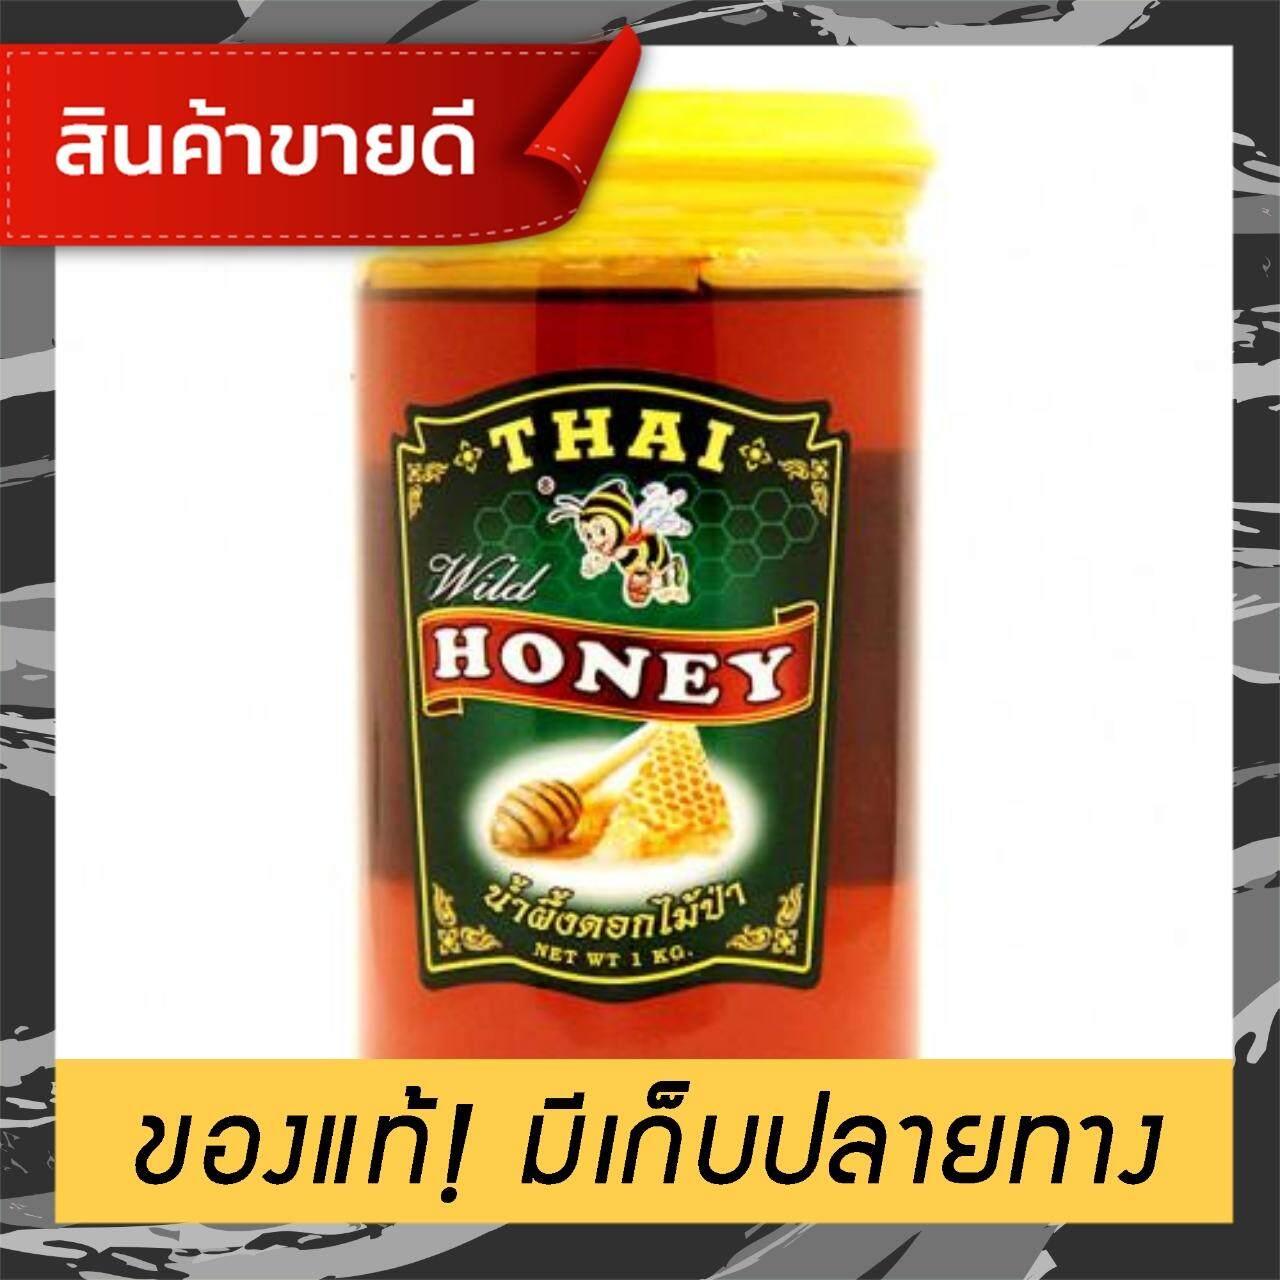 ((มีสินค้า)) ไทยฮันนี่ น้ำผึ้งดอกไม้ป่า น้ำผึ้งแท้จากธรรมชาติ 100% ขนาด 1,000 กรัม  อาหารเช้า กราโนล่า ซีเรียล Granola คือ ธุรกิจ ออนไลน์ ที่ ประสบ ความ สํา เร็ จ กิน อะไร ให้ ผอม อาหาร เช้า เพื่อ สุขภาพ กิน อย่างไร ให้ ผอม ครีม ที่ ไม่ อันตราย กิน ยัง.